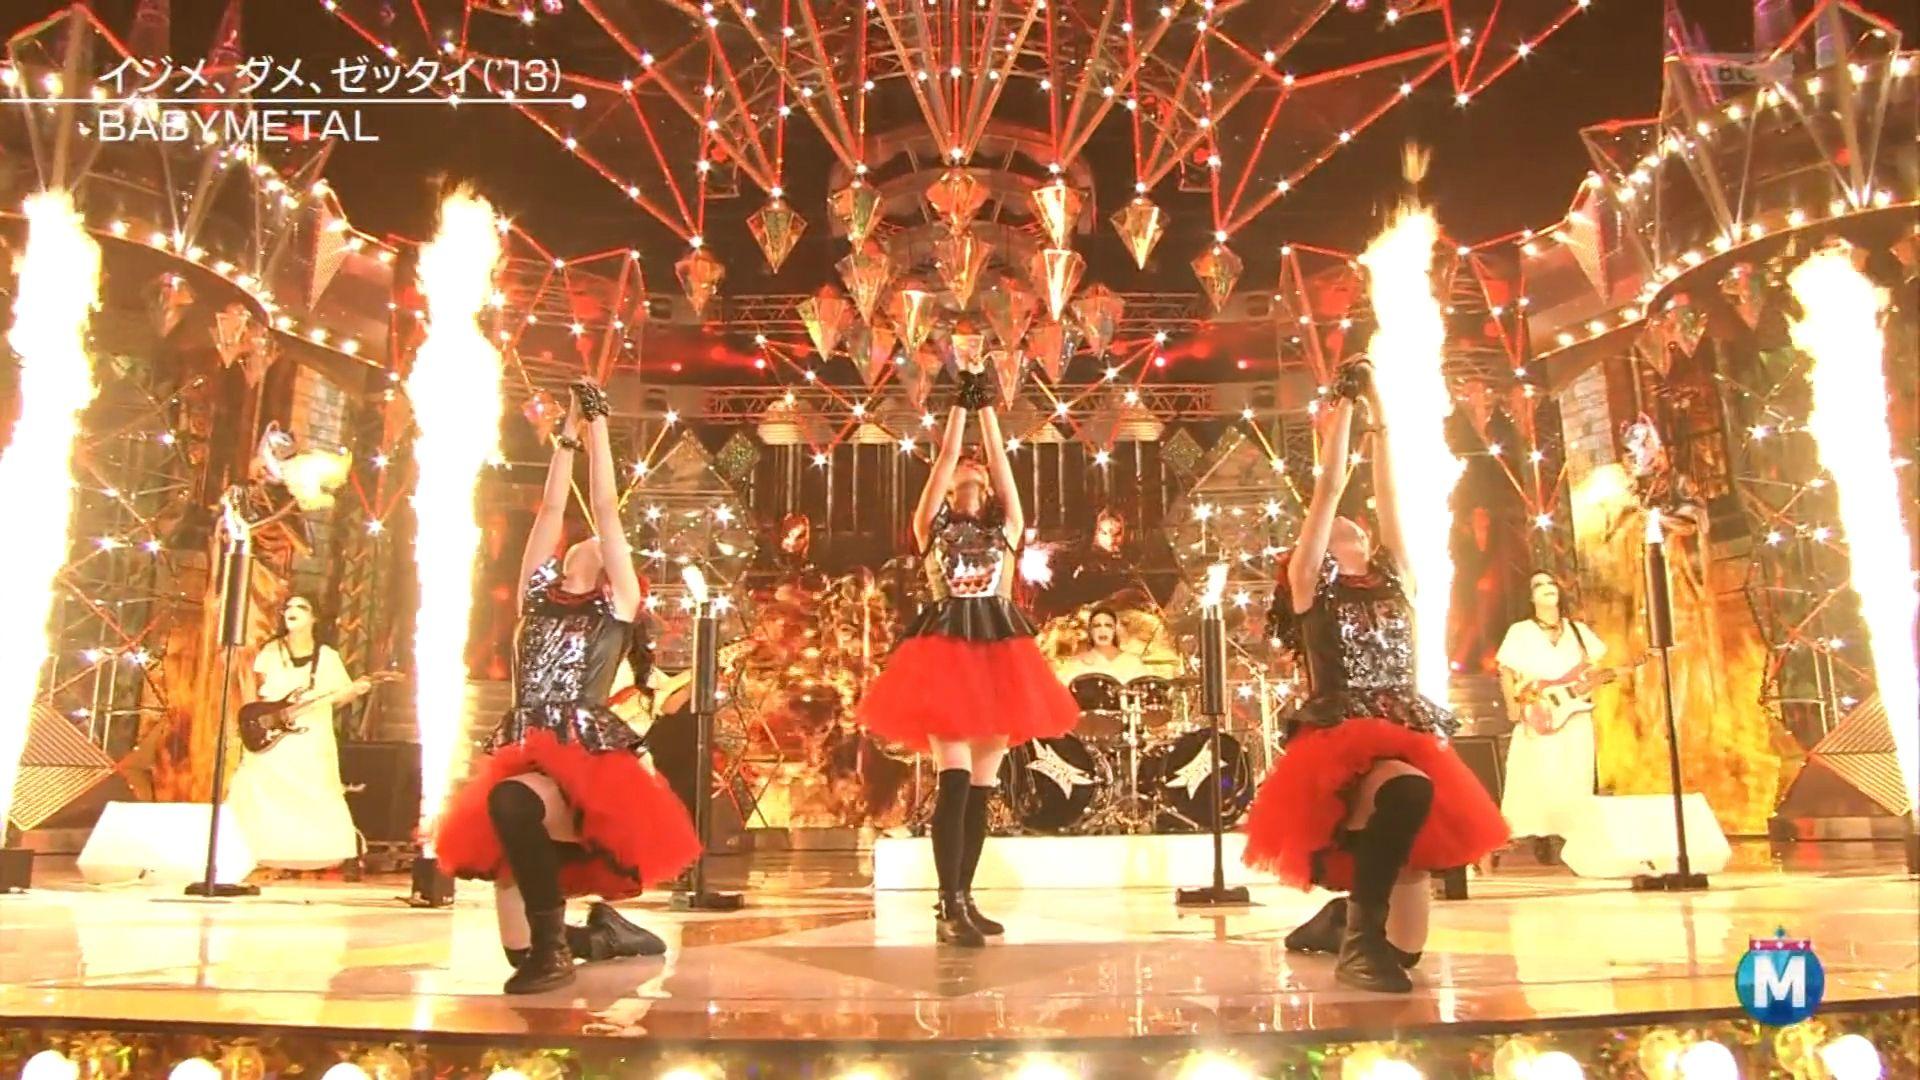 MUSIC STATION SUPER LIVE 2015: BABYMETAL, AKB48, E-girls, X Japan et autres confirmé